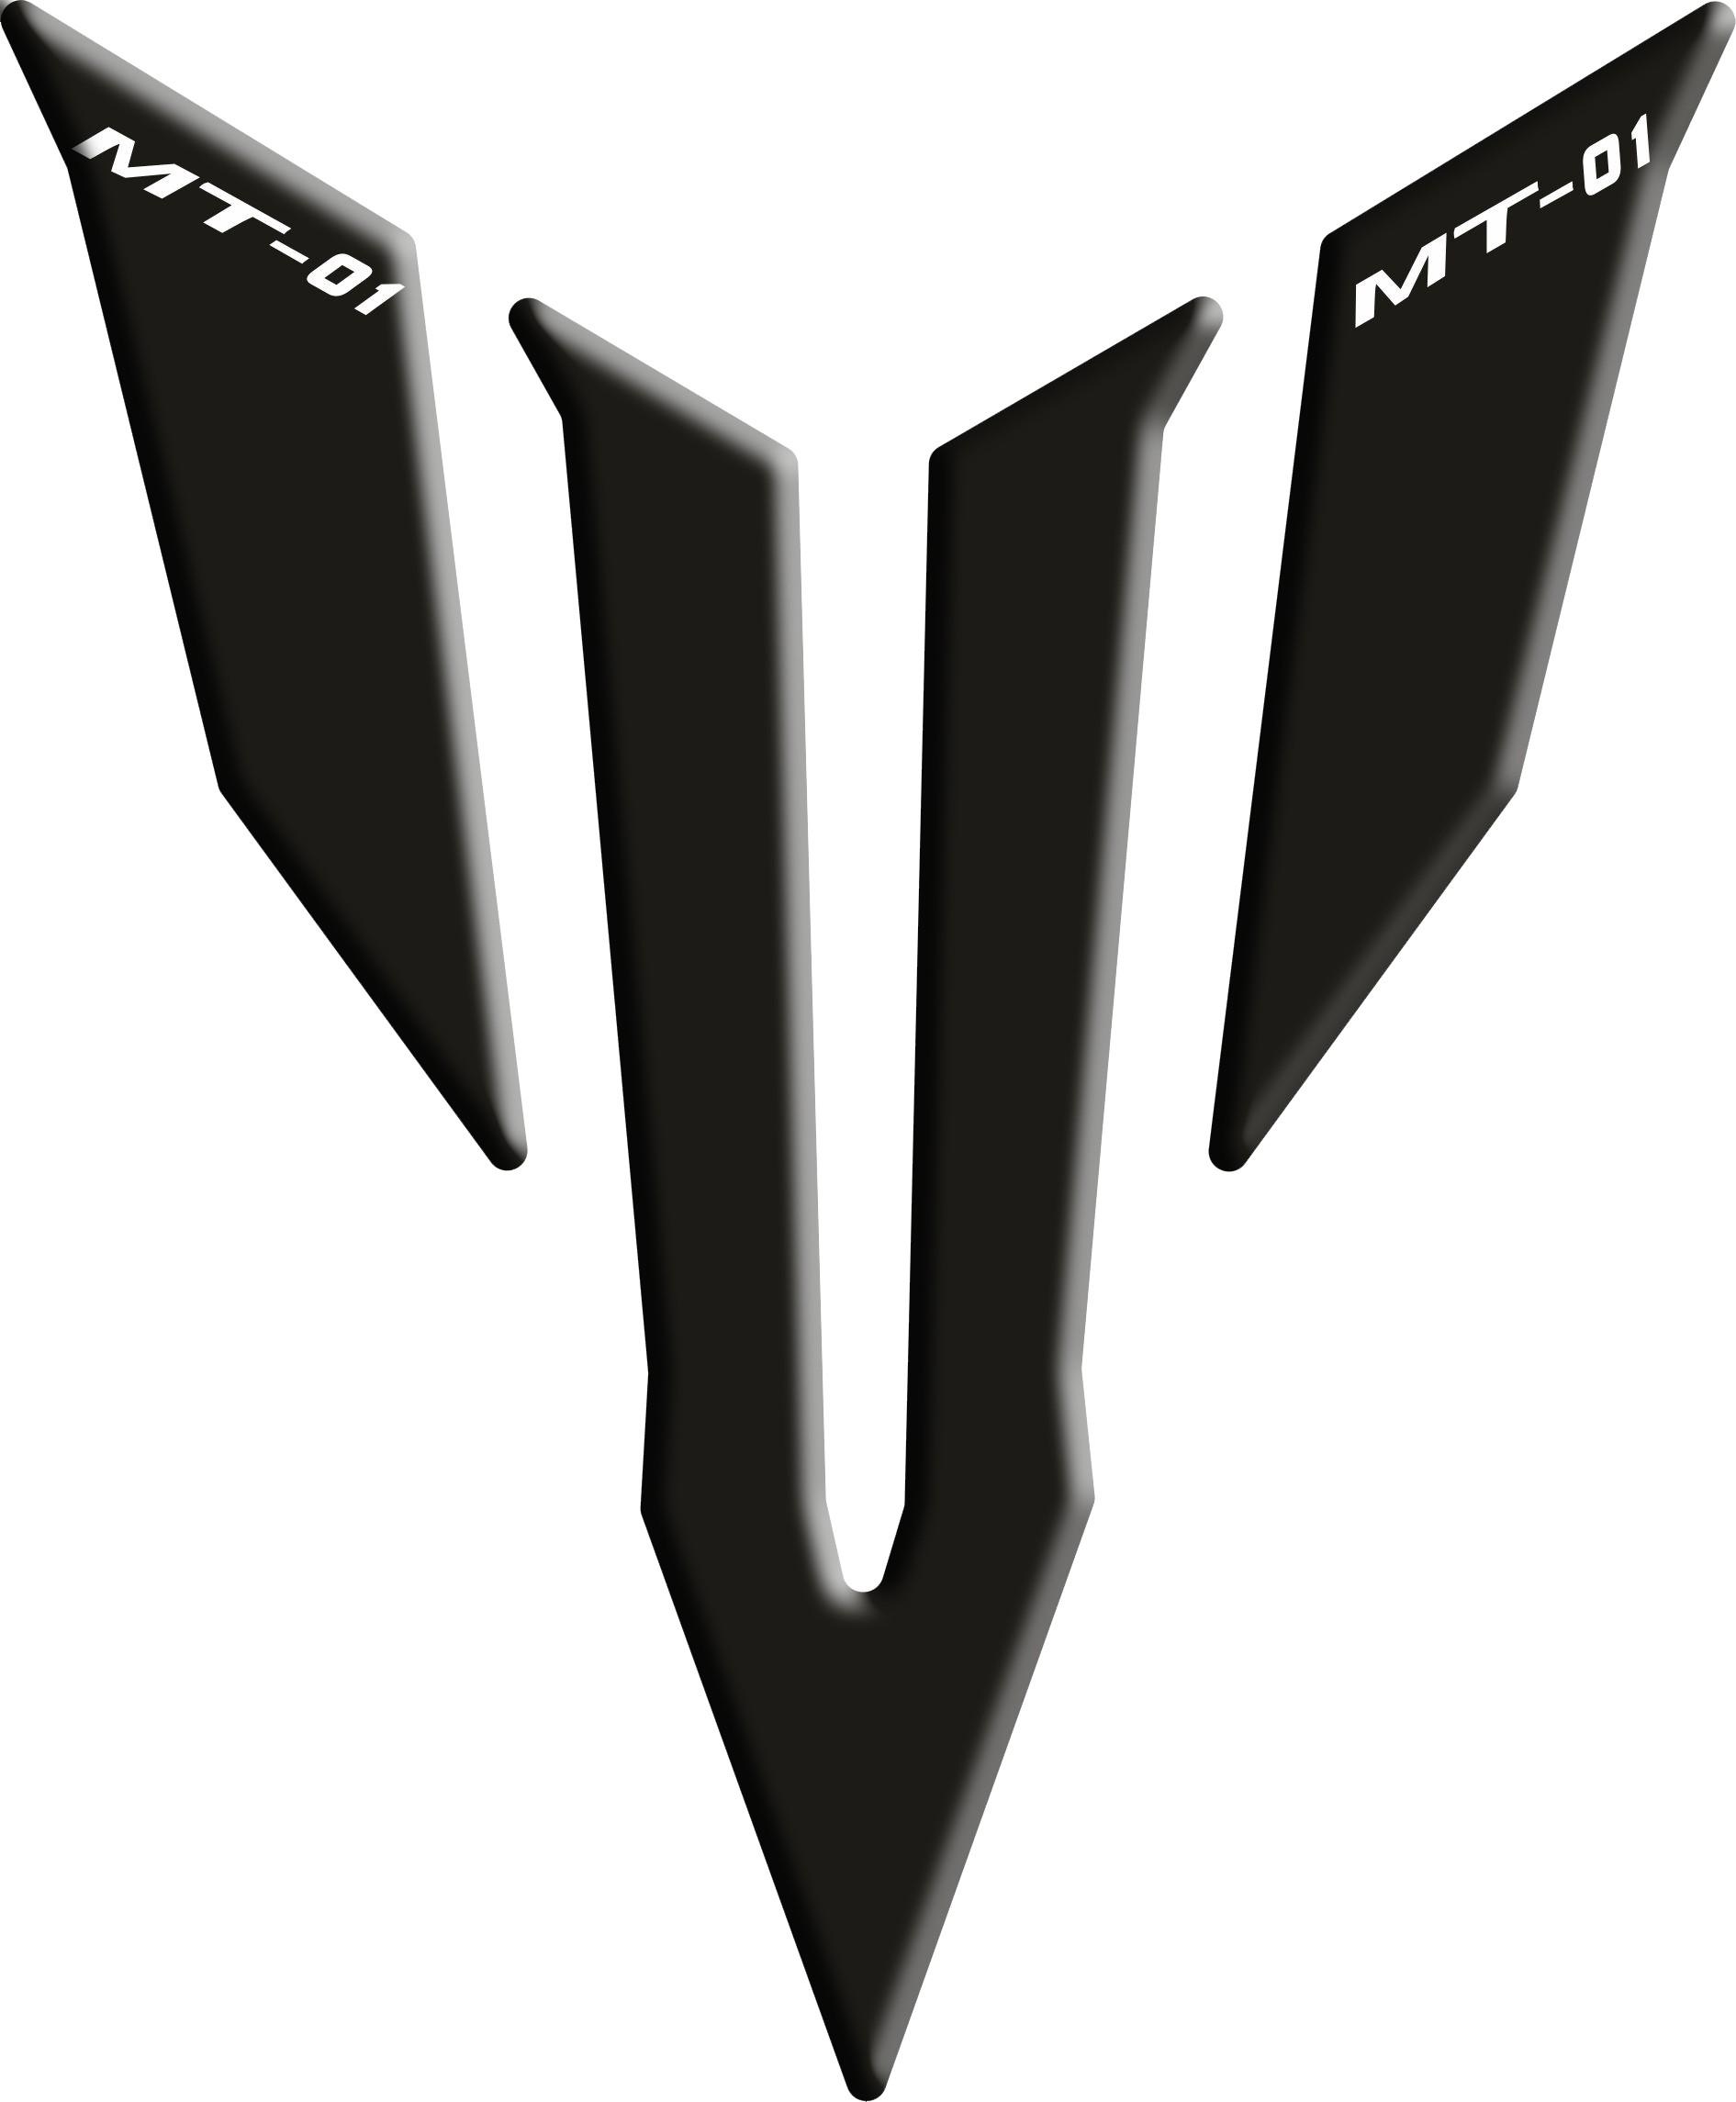 Tank Pad Yamaha Logo MT 01 Black